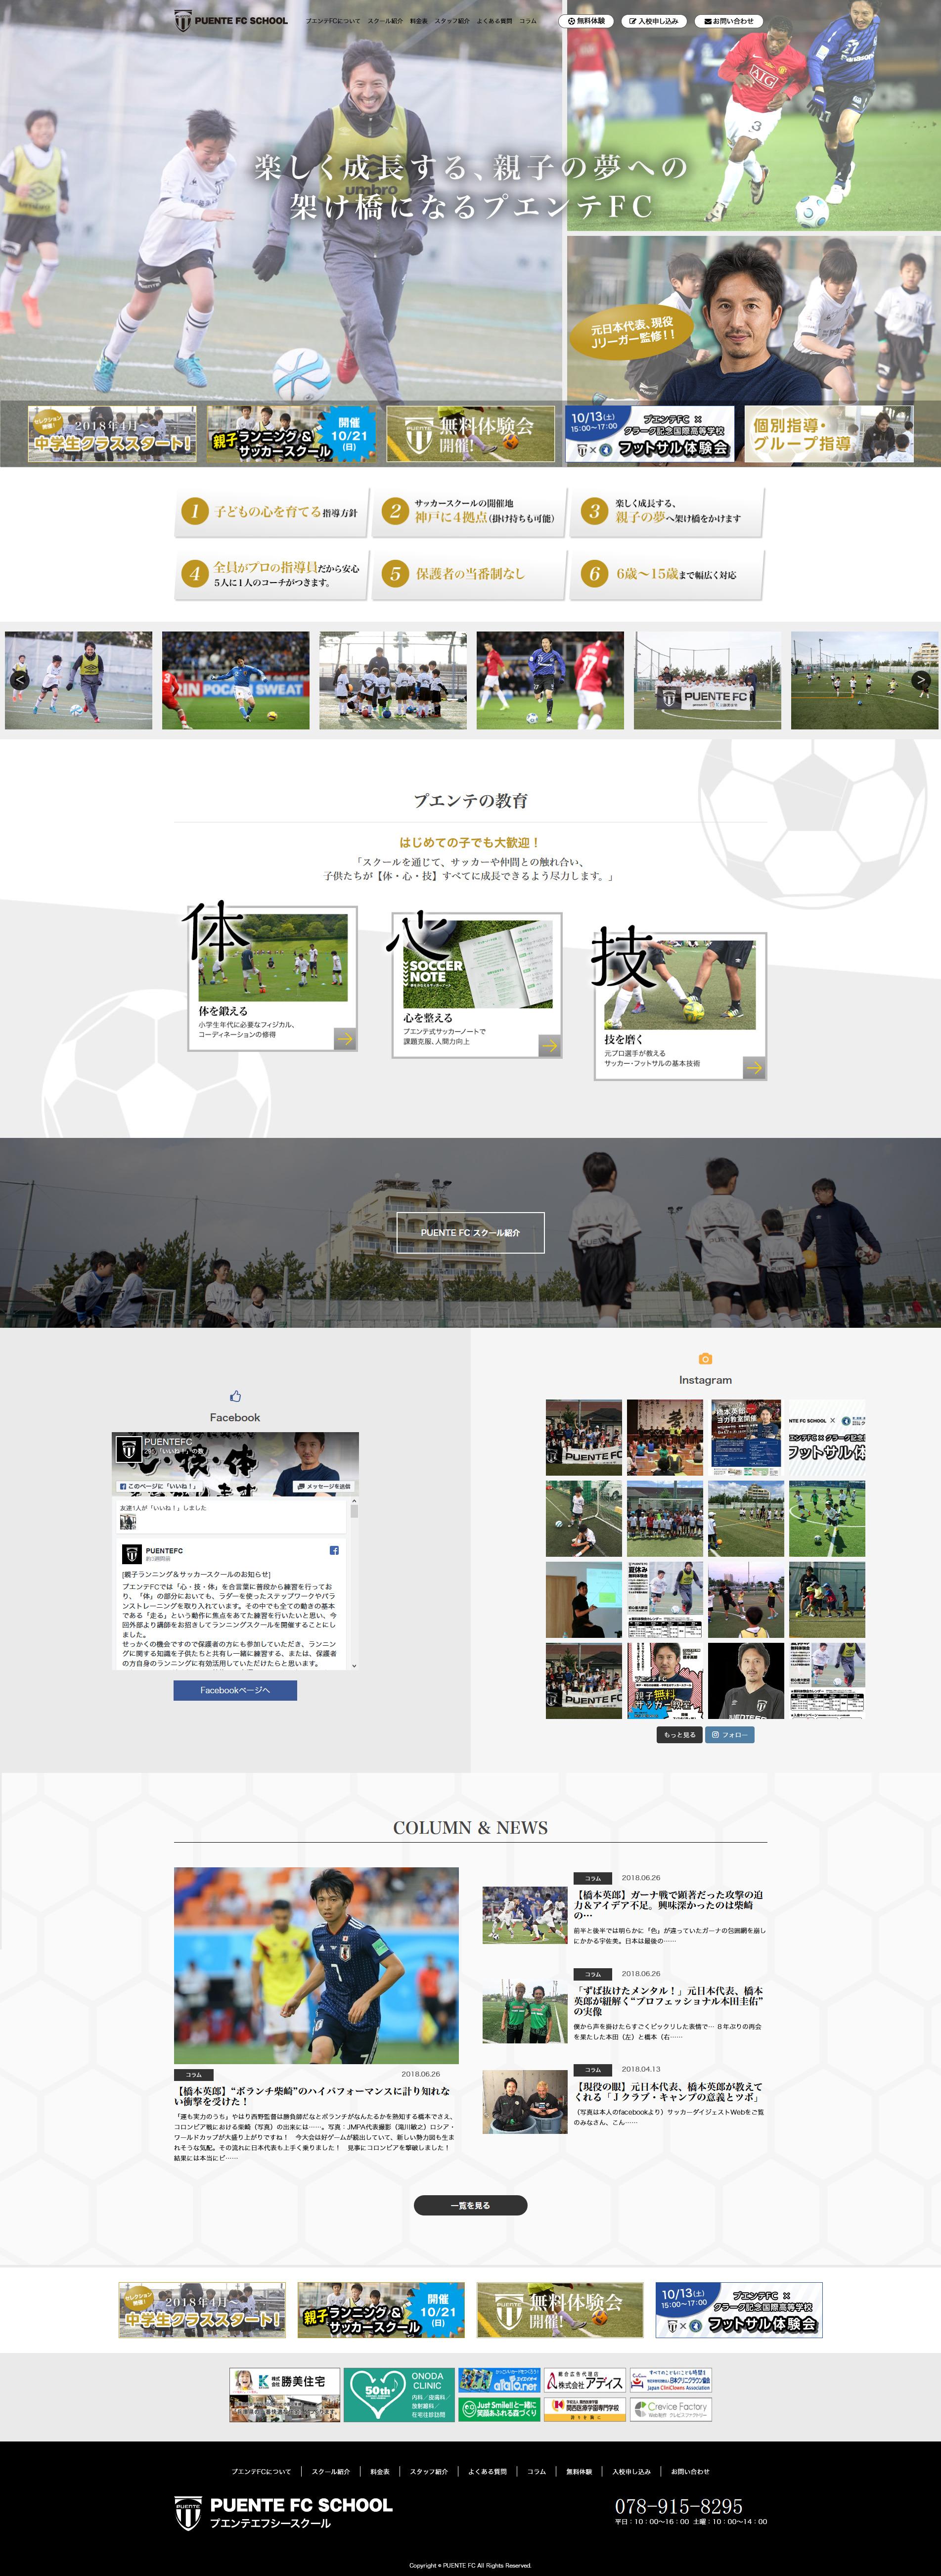 PUENTE FC SCHOOL